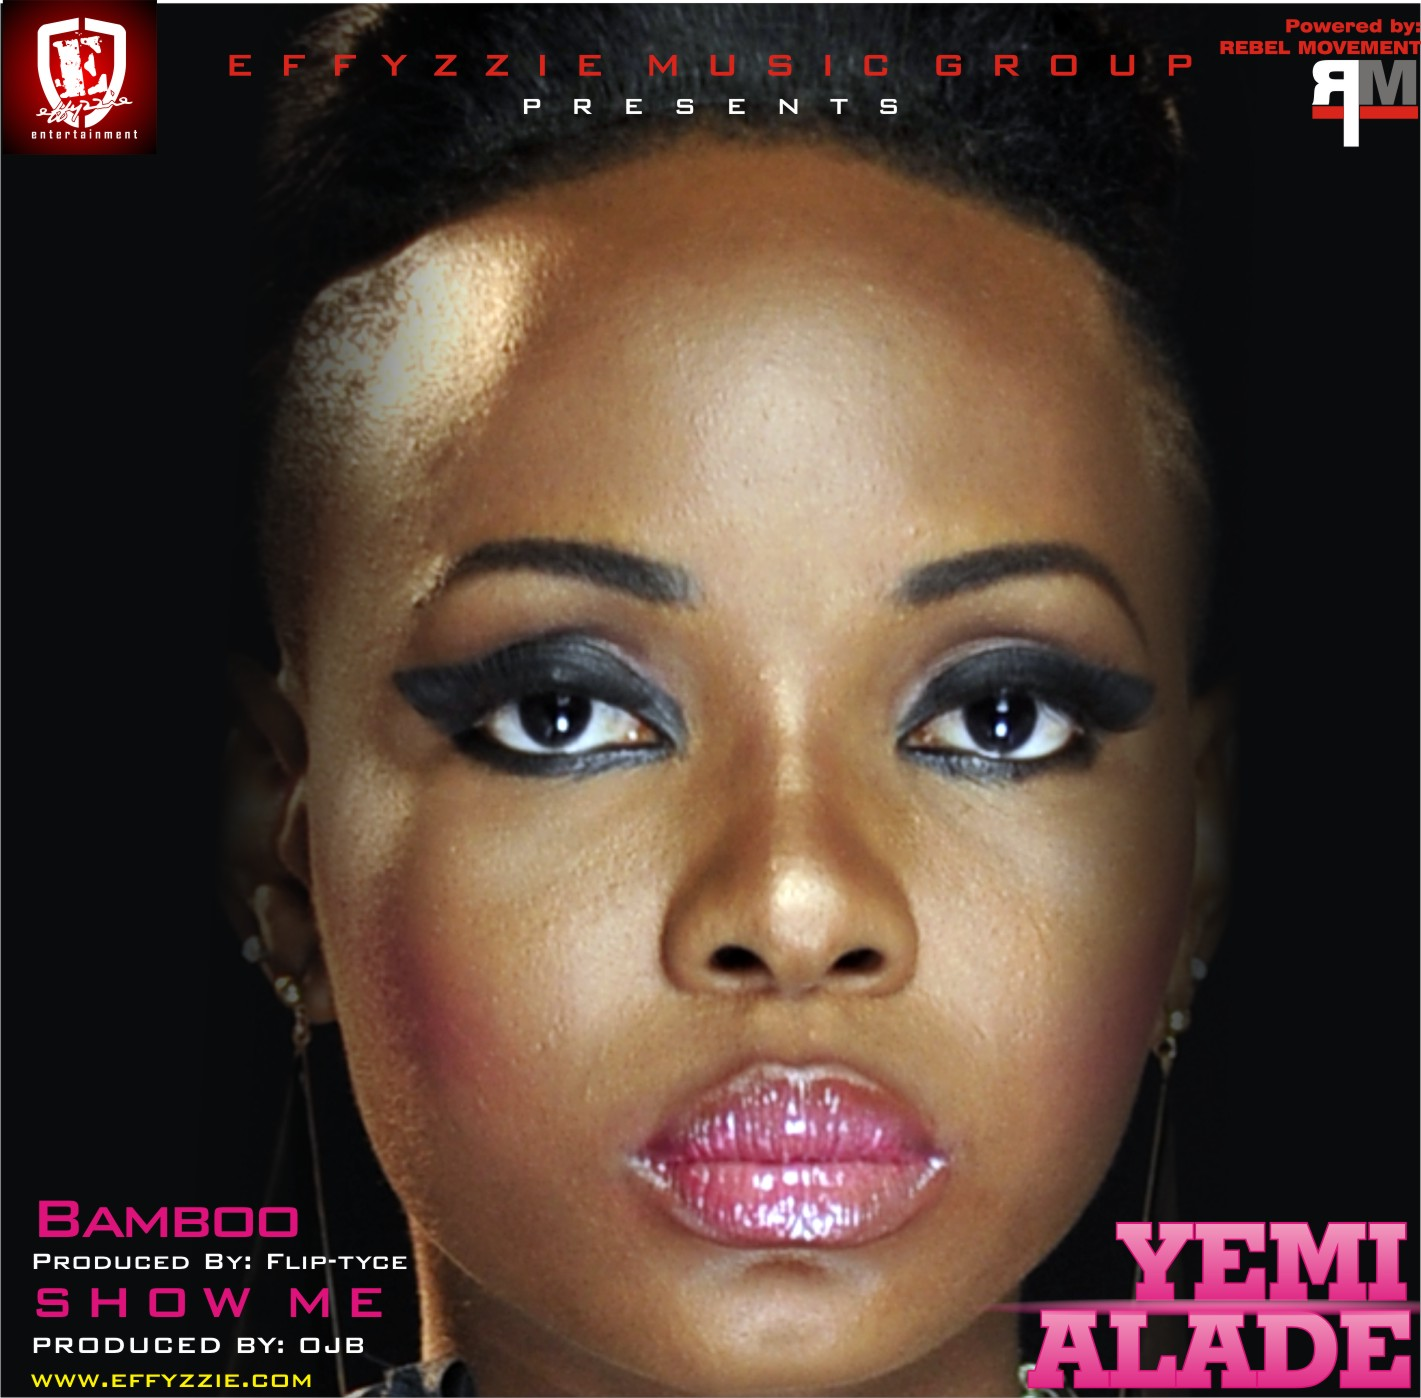 Yemi Alade - BAMBOO [prod. by Fliptyce] + SHOW ME [prod. by OJB Jezreel] Artwork | AceWorldTeam.com